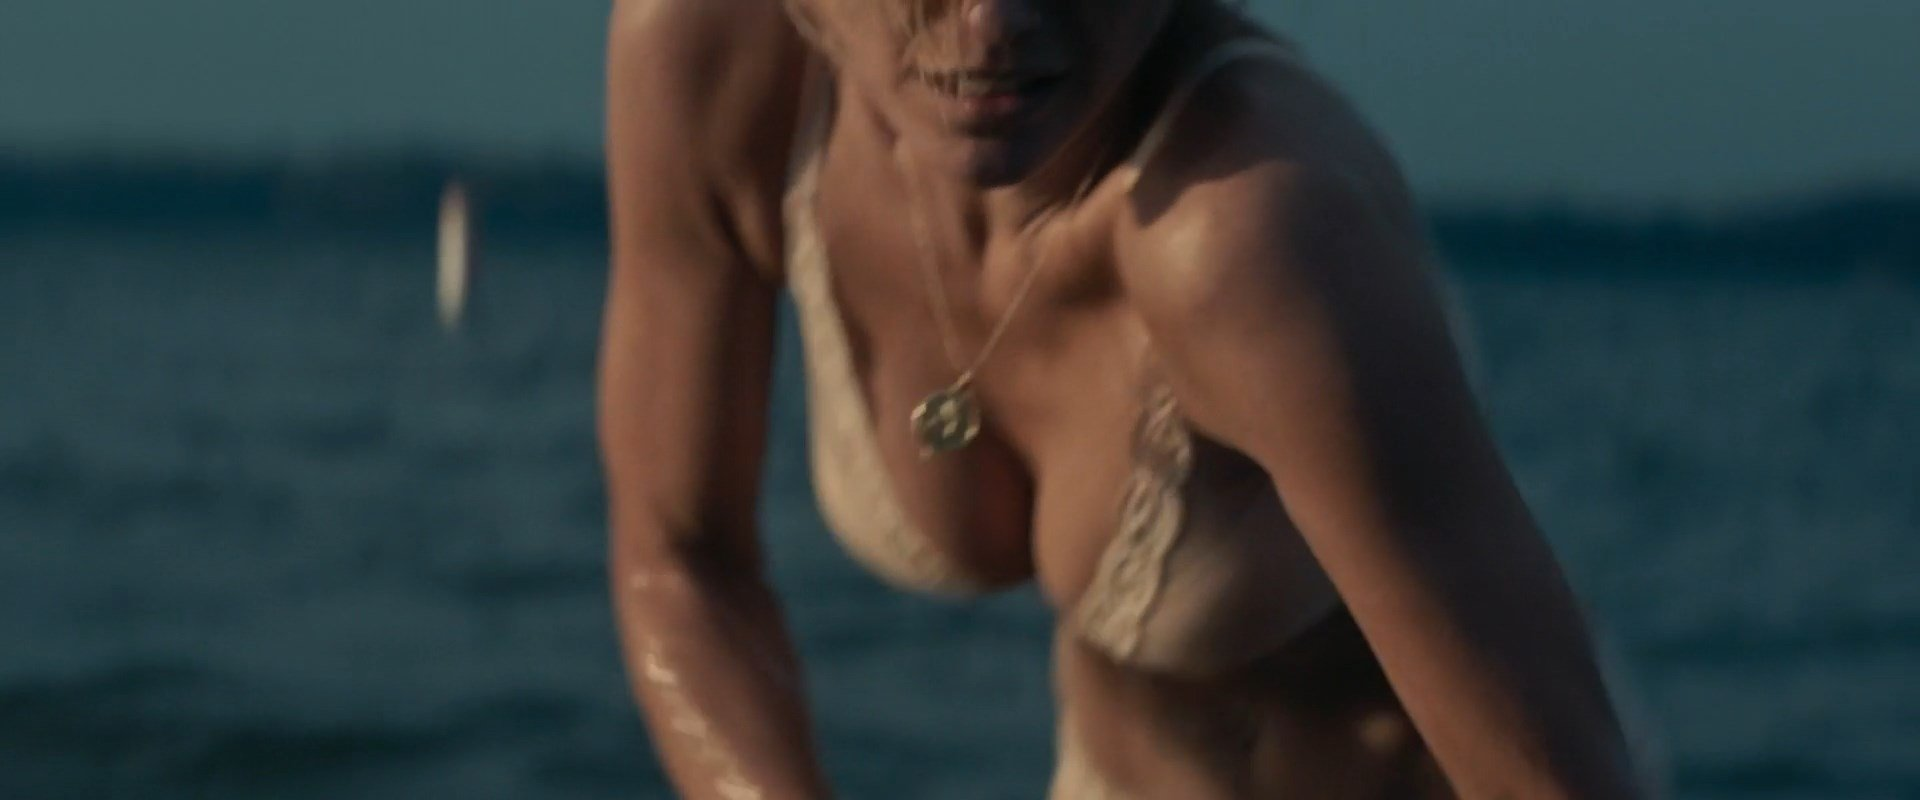 Naked pixie girl gangbang